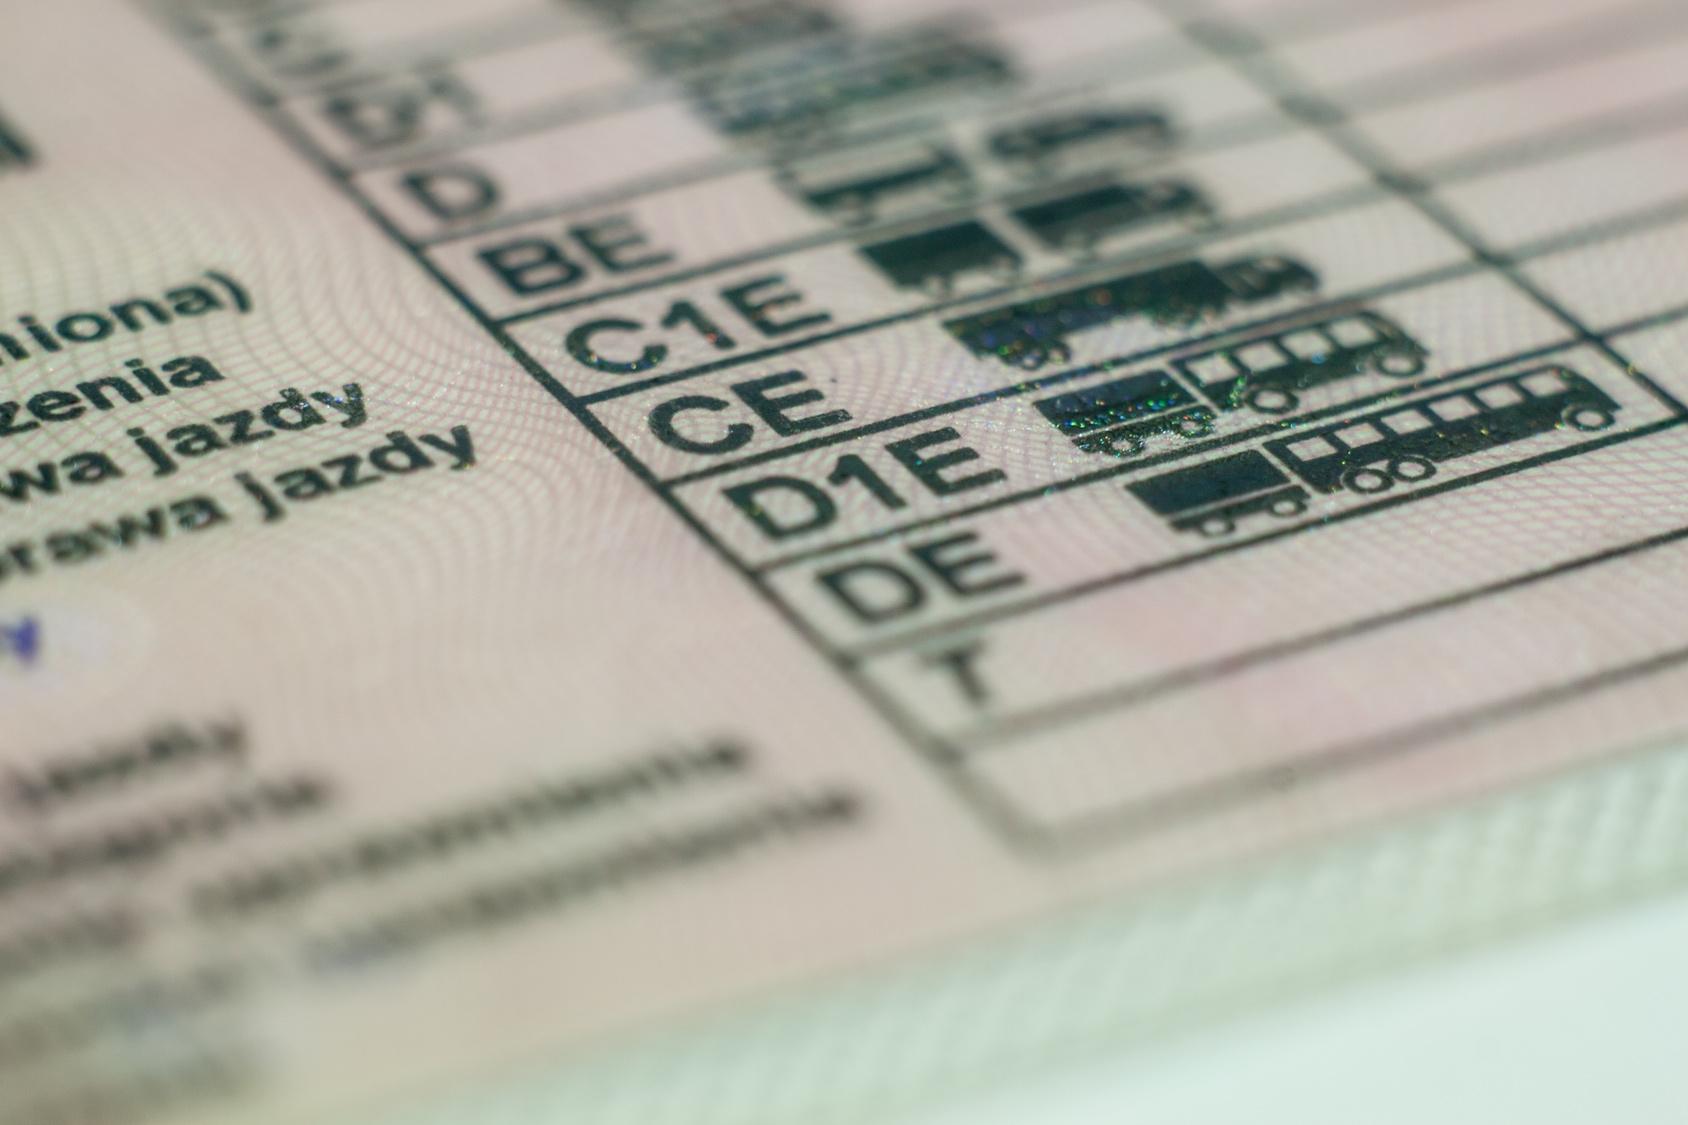 Cyfrowe prawo jazdy może być dostępne już w I kwartale 2020 r.